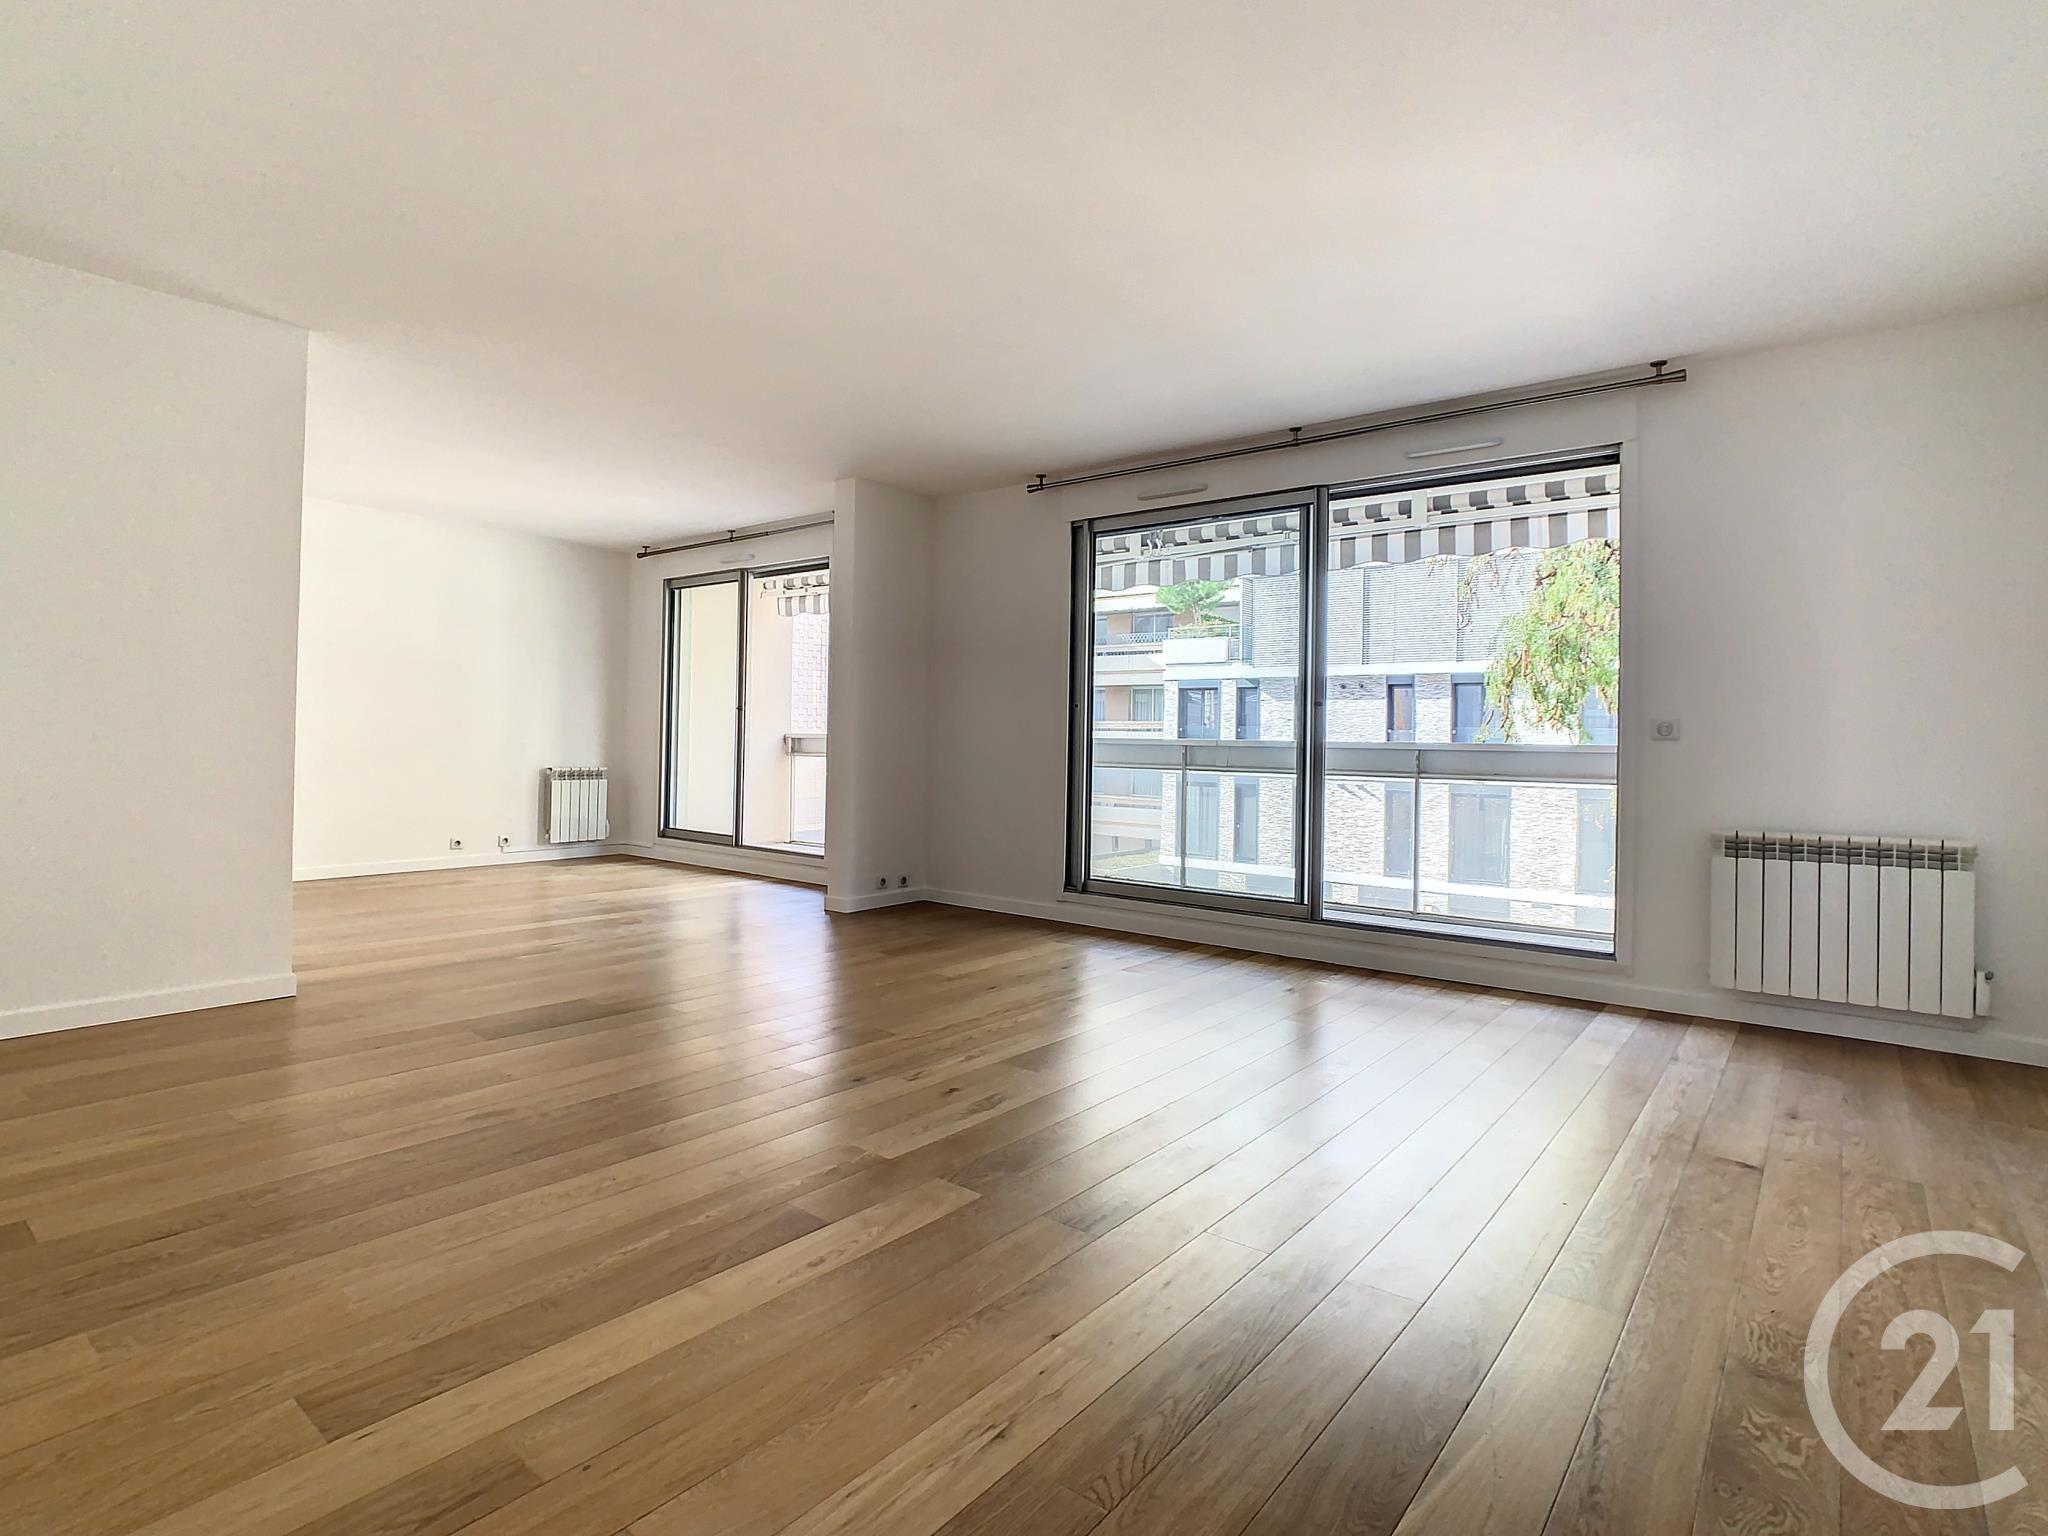 Appartement a louer boulogne-billancourt - 4 pièce(s) - 87.44 m2 - Surfyn